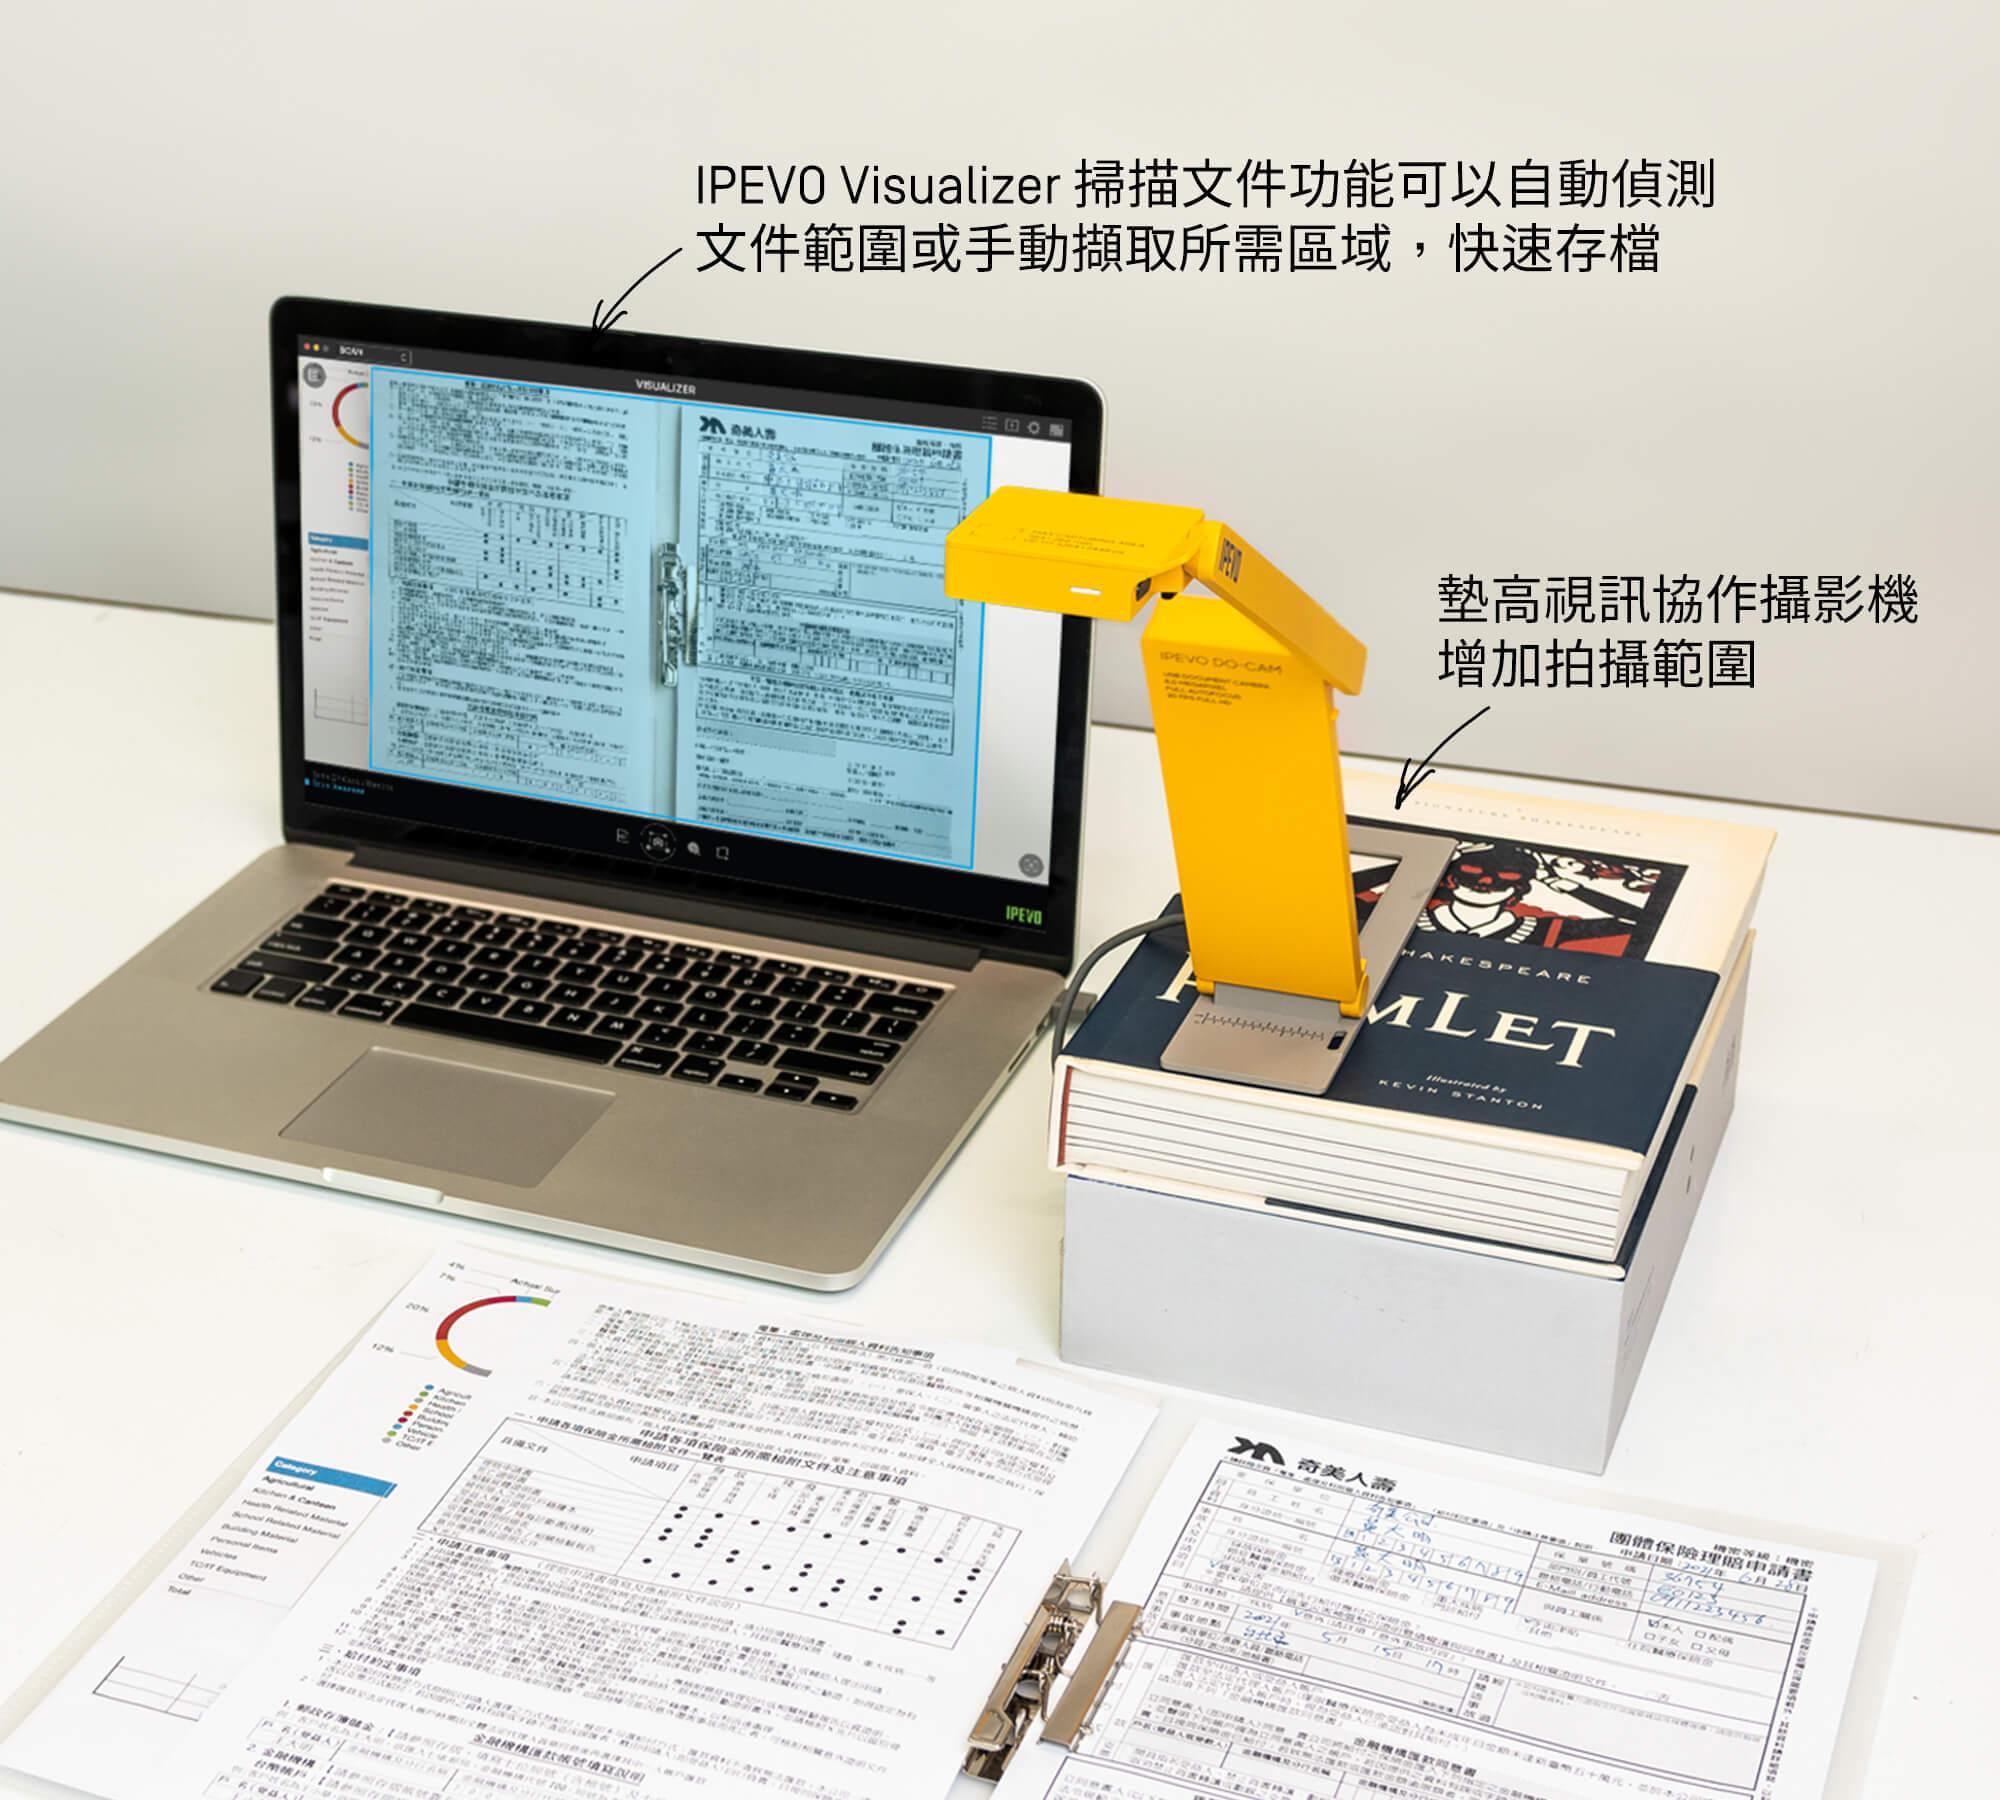 IPEVO Visualizer 掃描文件功能可以自動偵測文件範圍或手動擷取所需區域,快速存檔;墊高視訊協作攝影機 增加拍攝範圍